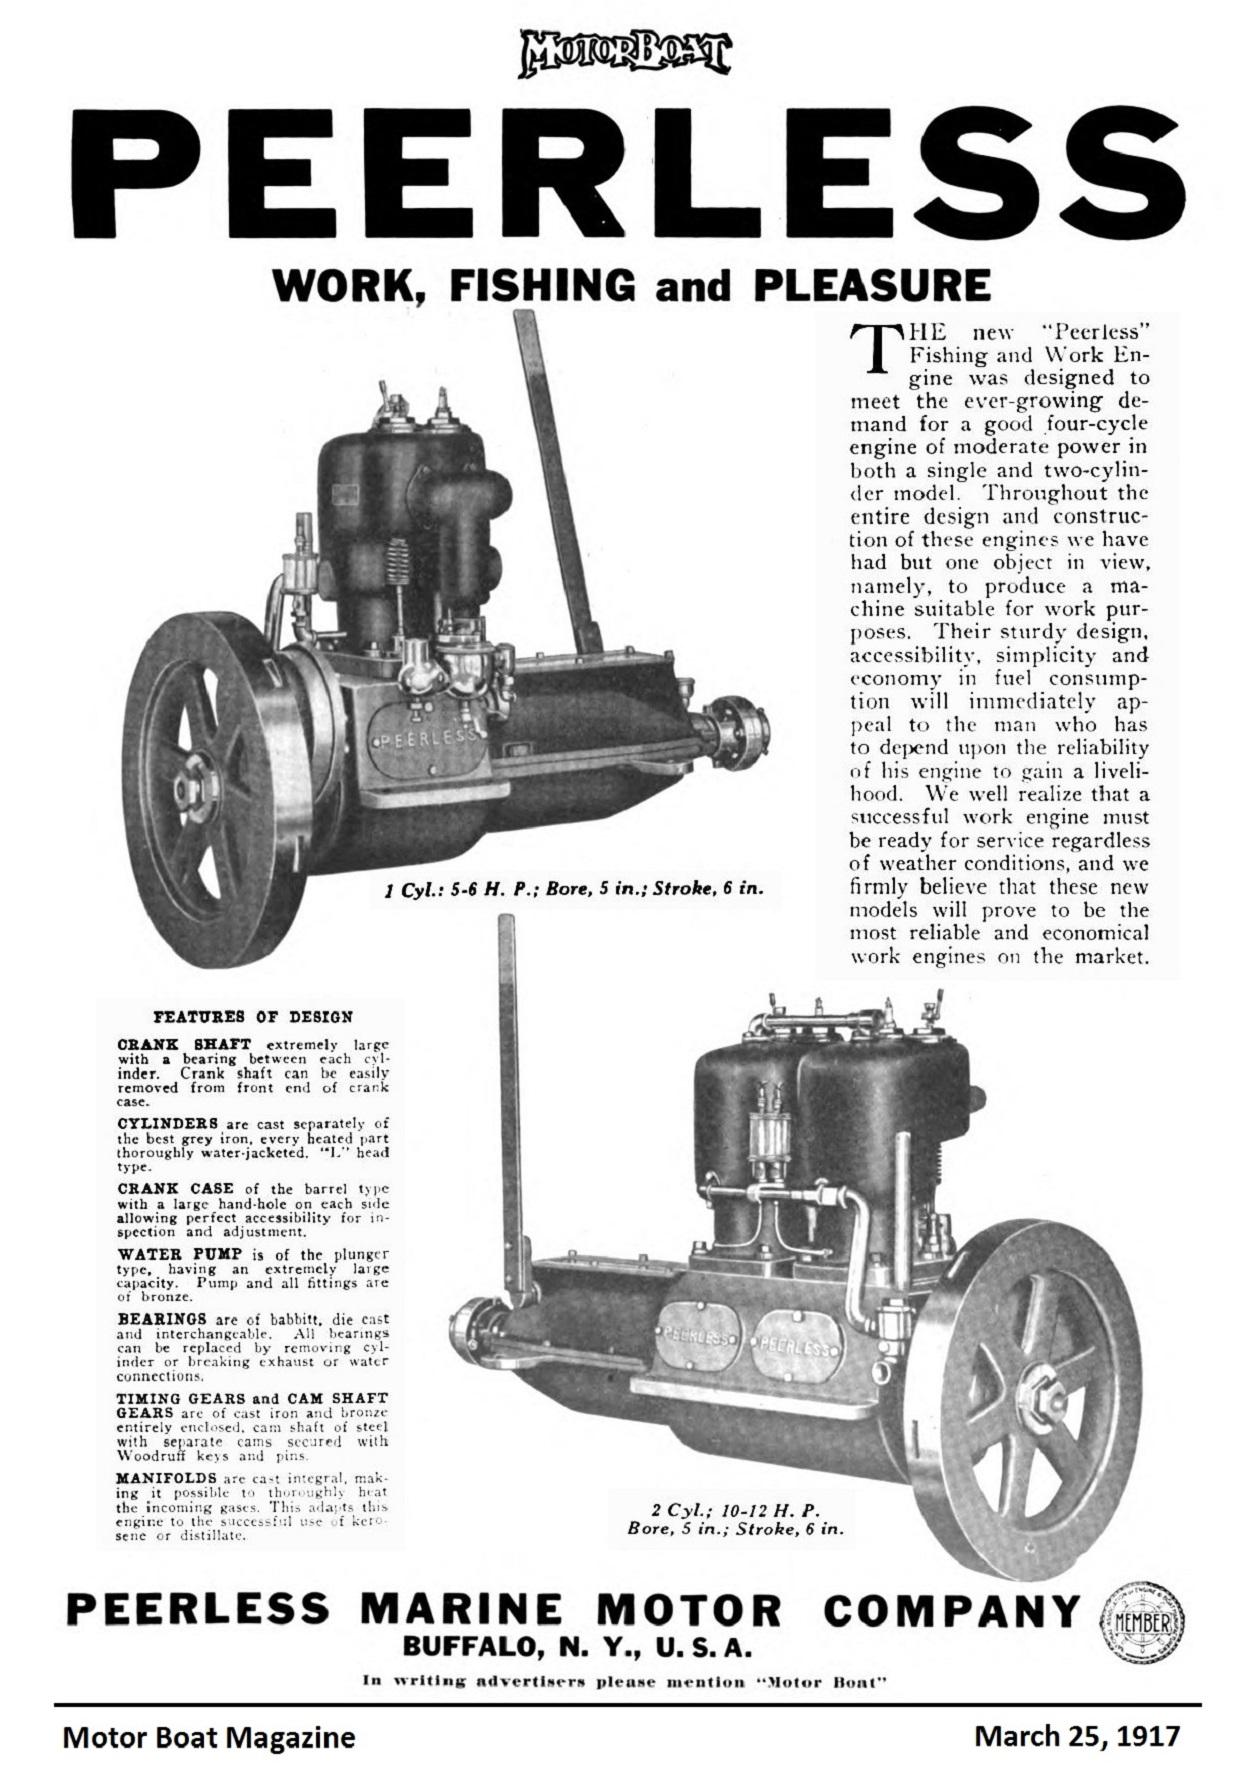 Old Marine Engine Peerless Marine Motors Co Buffalo N Y